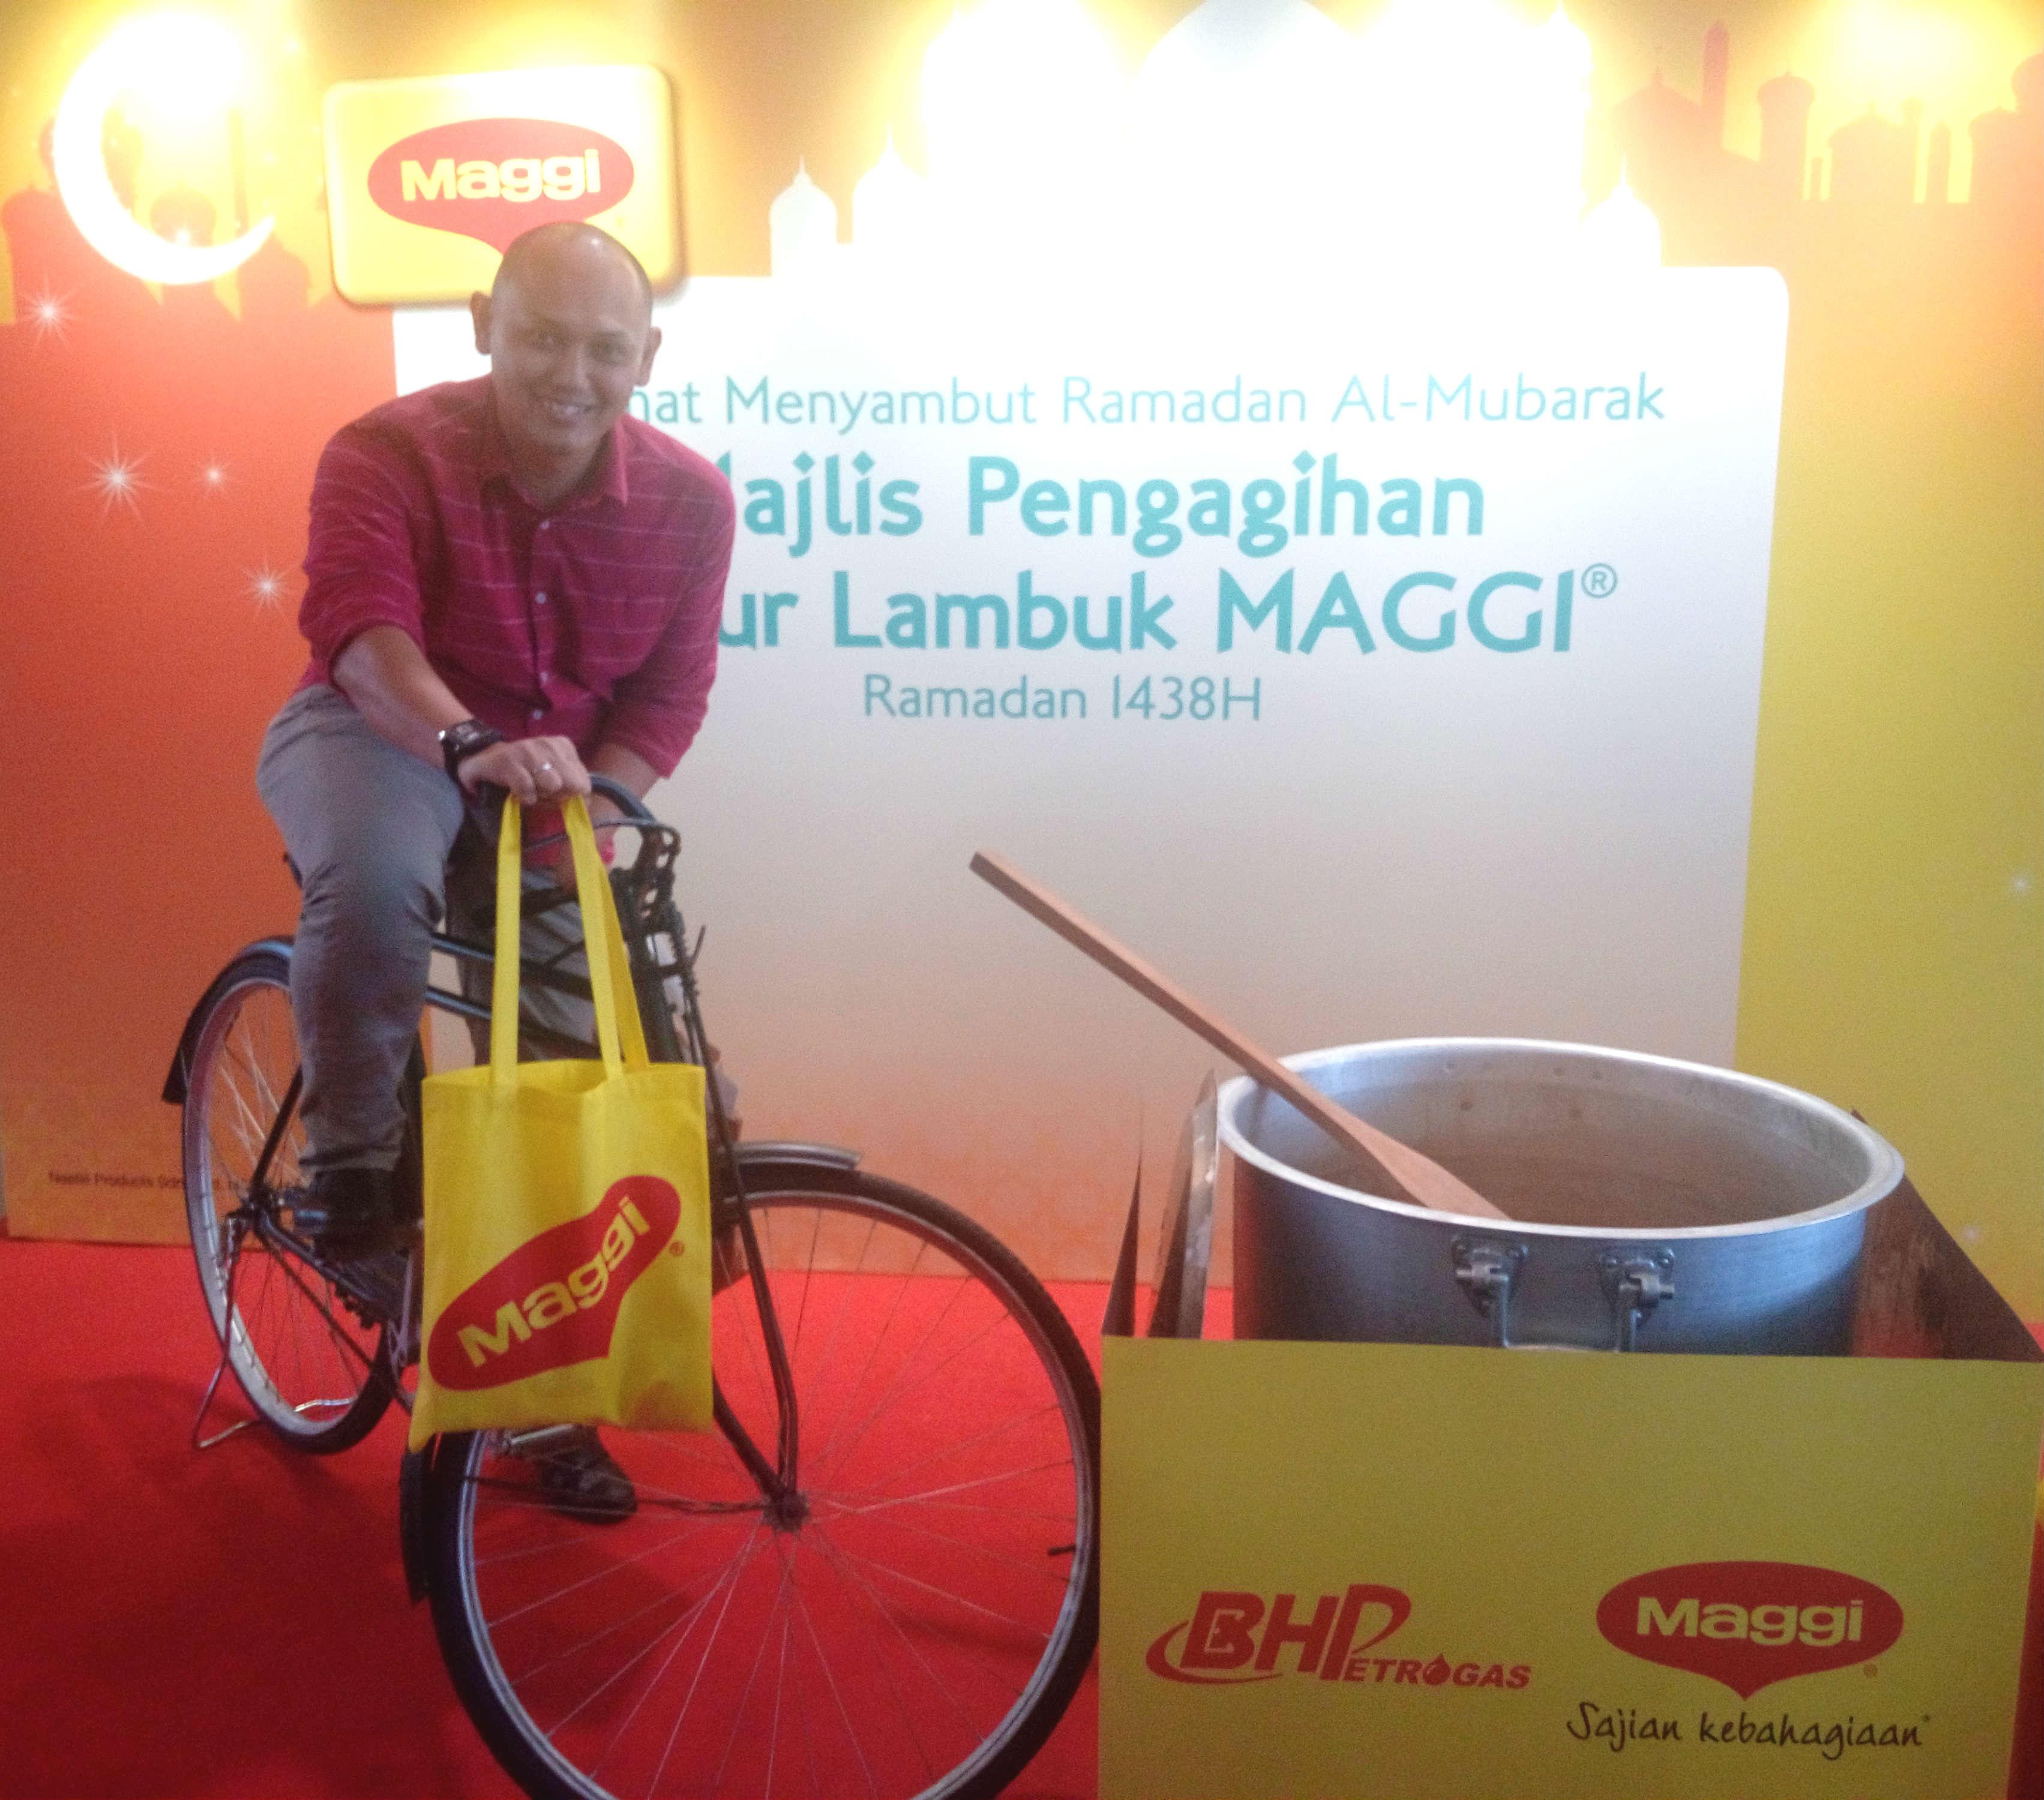 Jom agih Maggi bubur lambuk dengan basikal tua